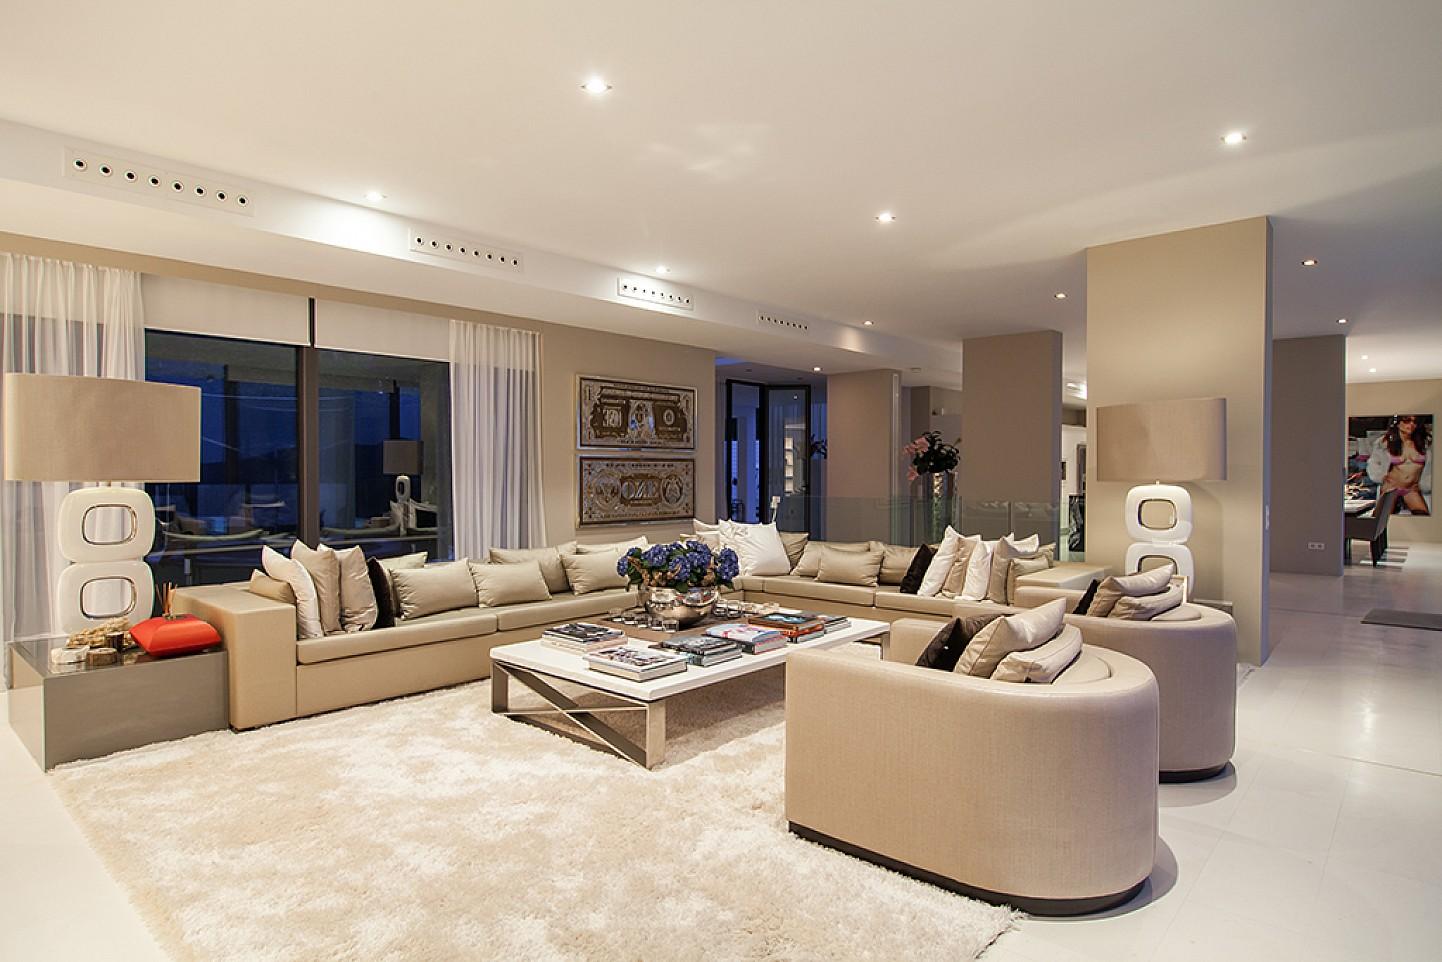 Wohnzimmerbereich